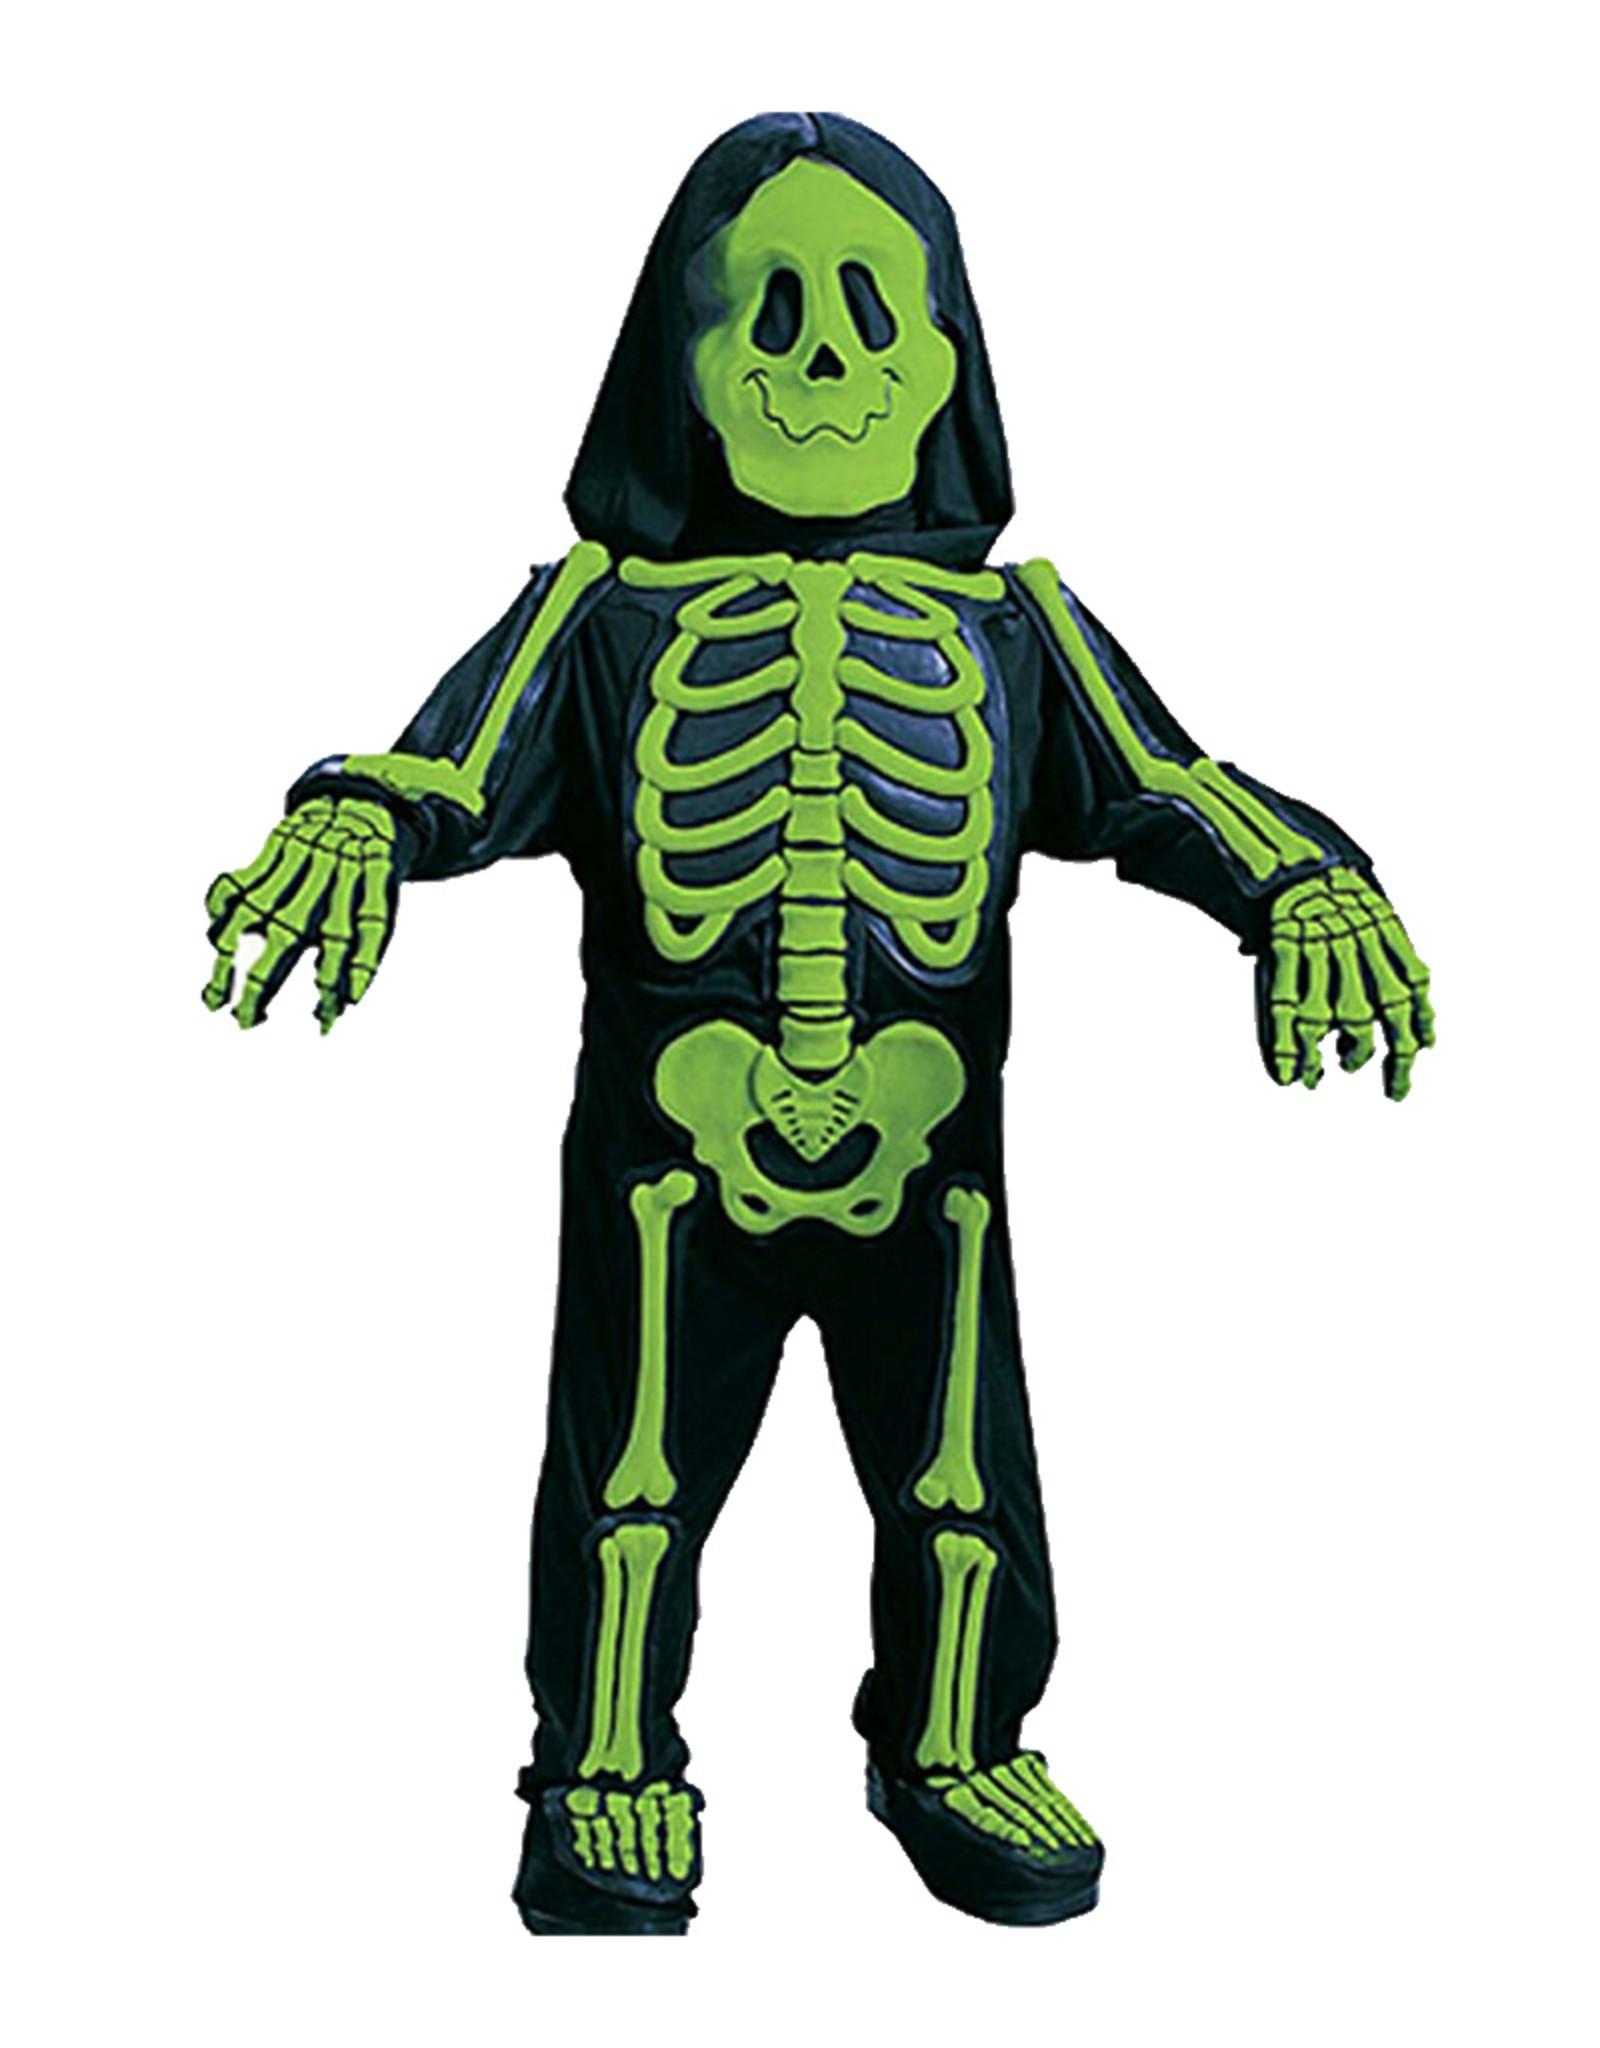 FUN WORLD Skelebones Green  Costume - Toddler